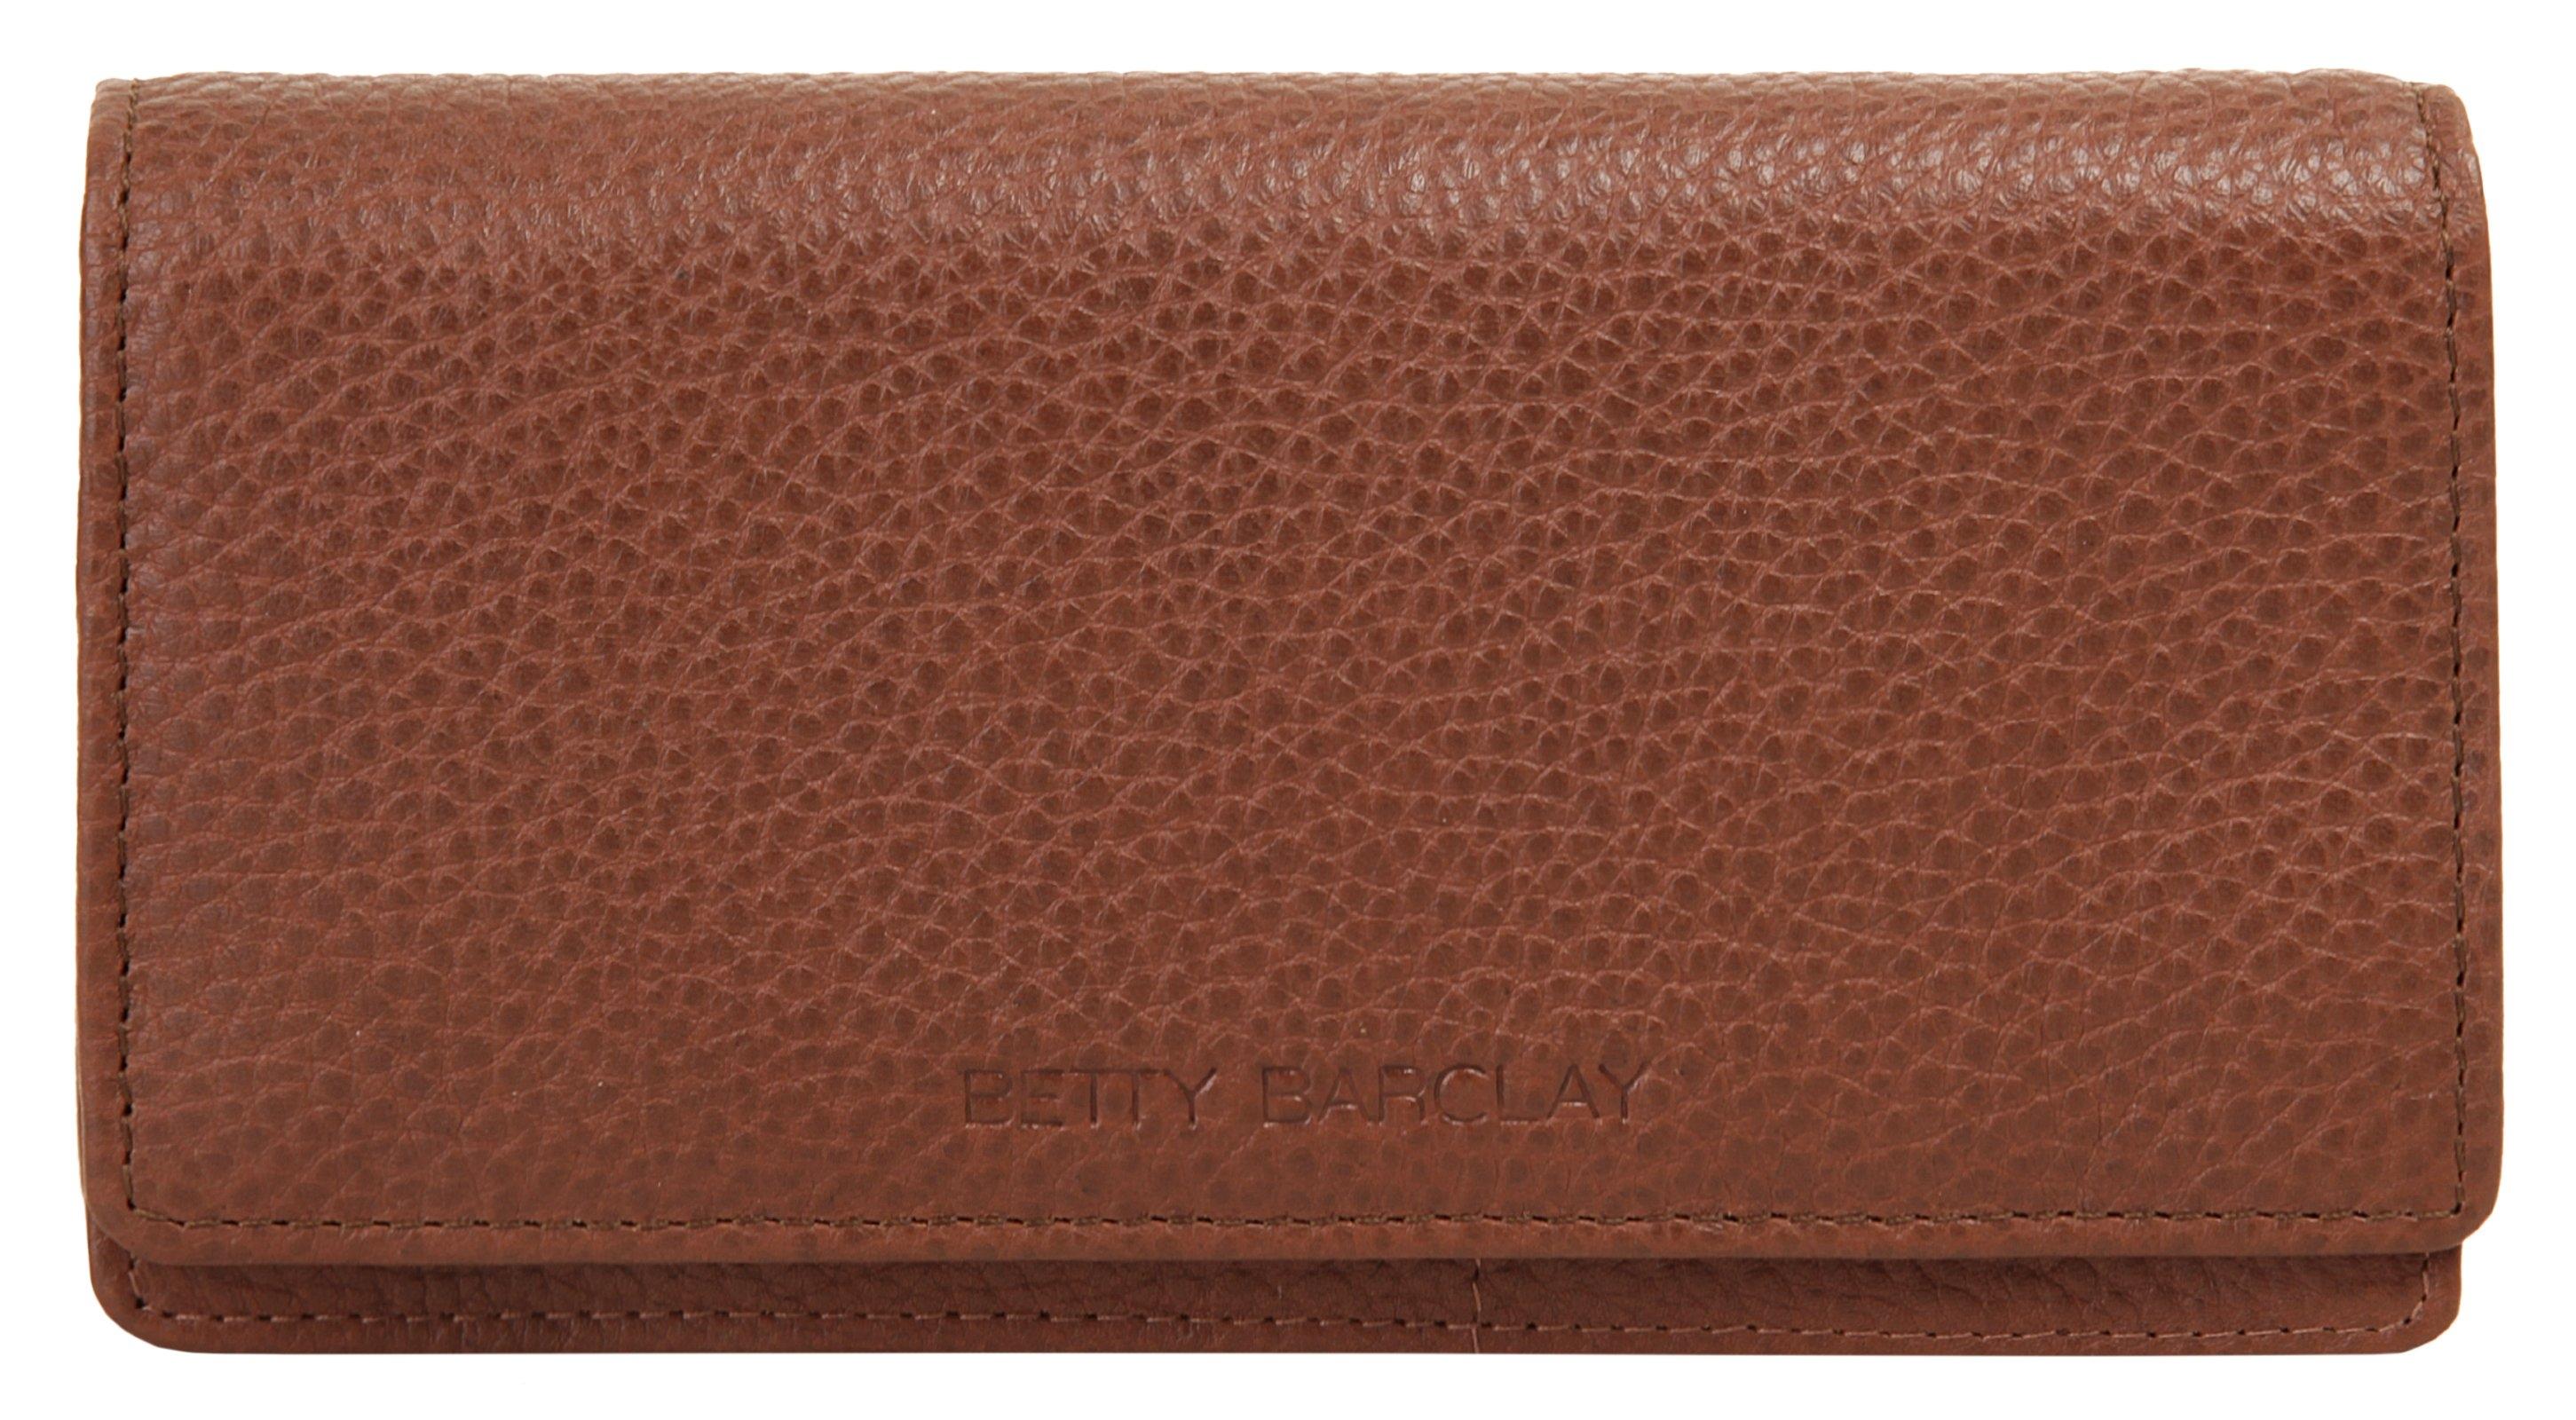 Op zoek naar een Betty Barclay portemonnee? Koop online bij OTTO